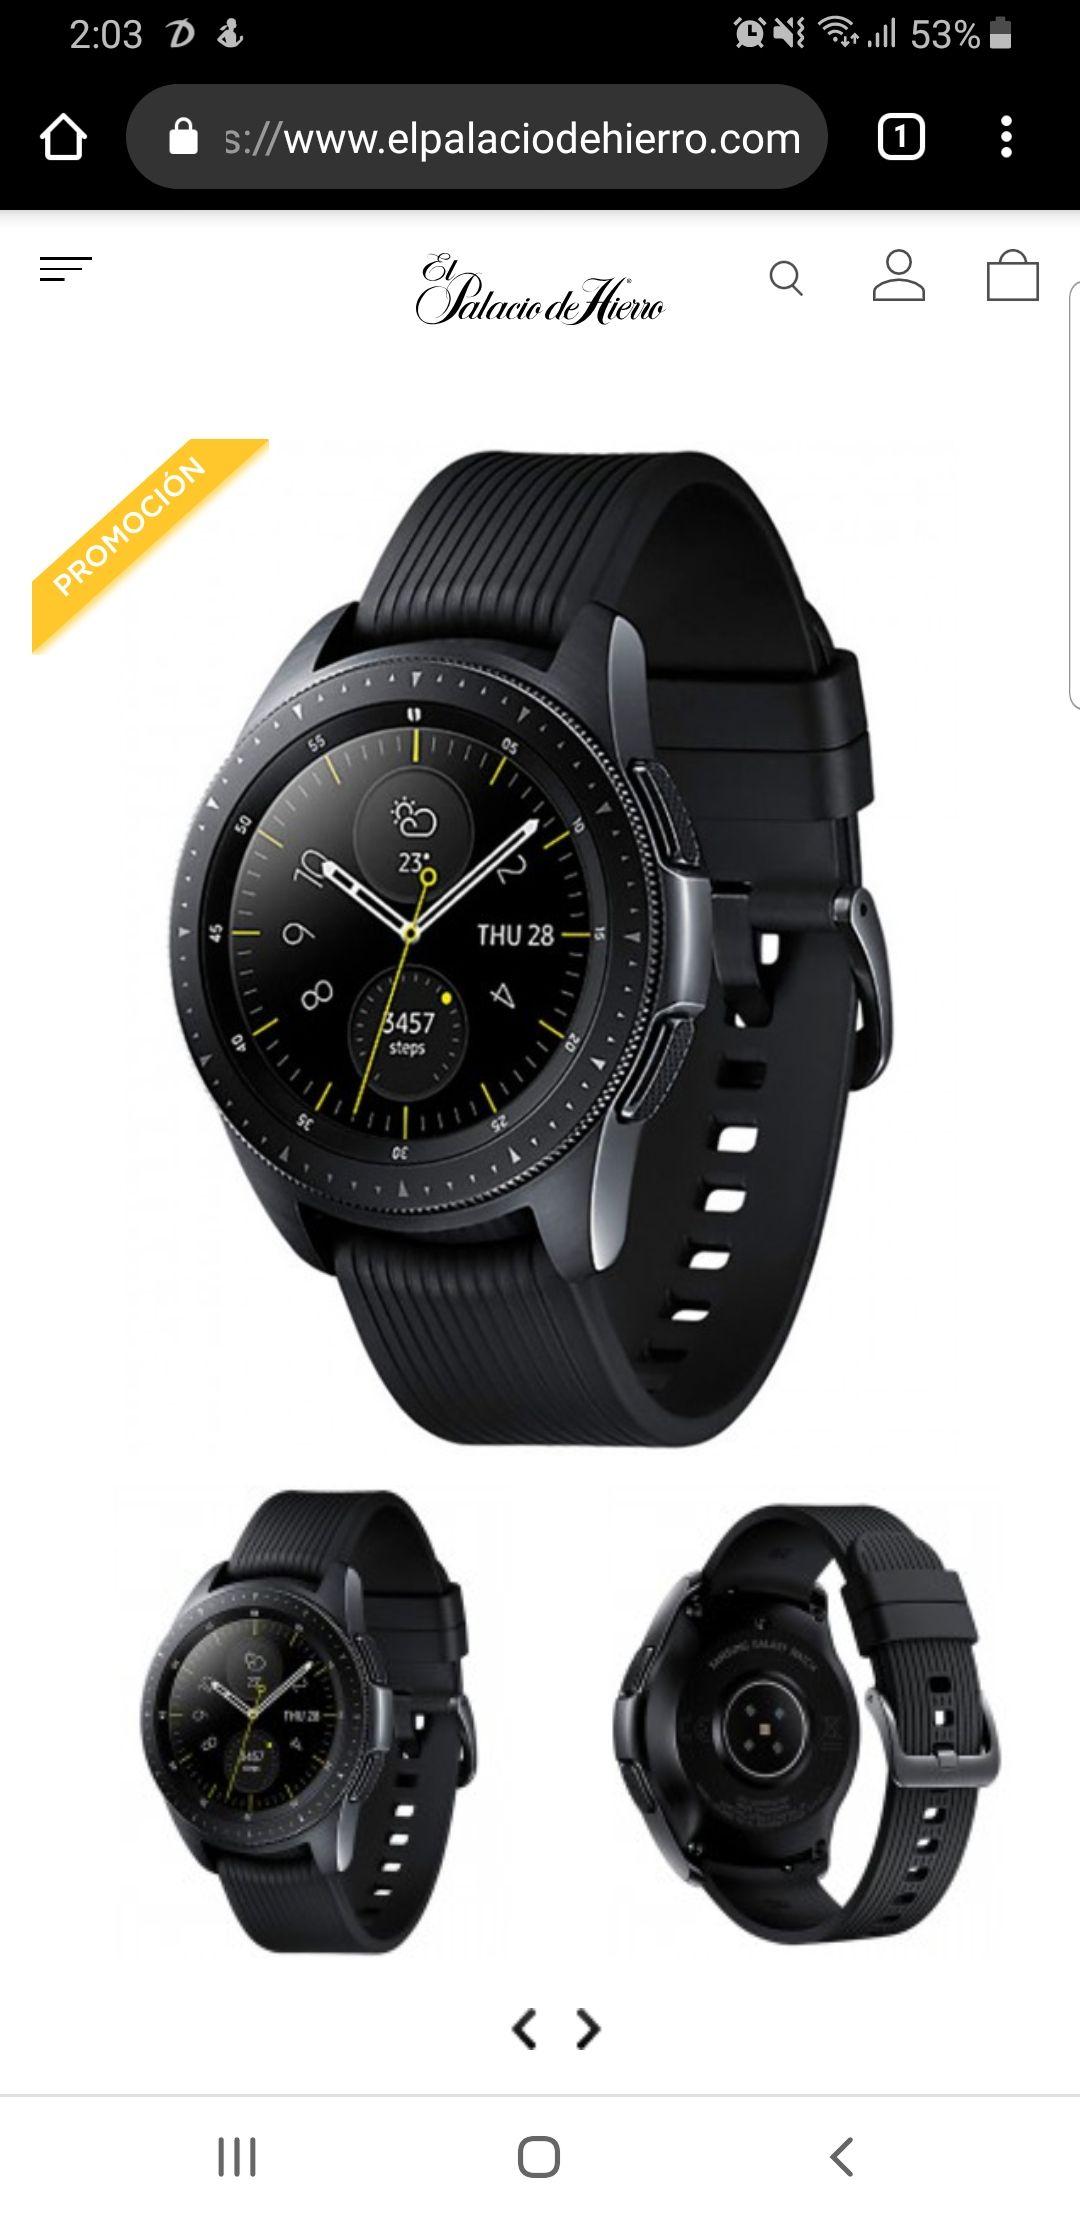 elpalaciodehierro: Smartwatch Galaxy S4- a 18 msi solo en tienda!